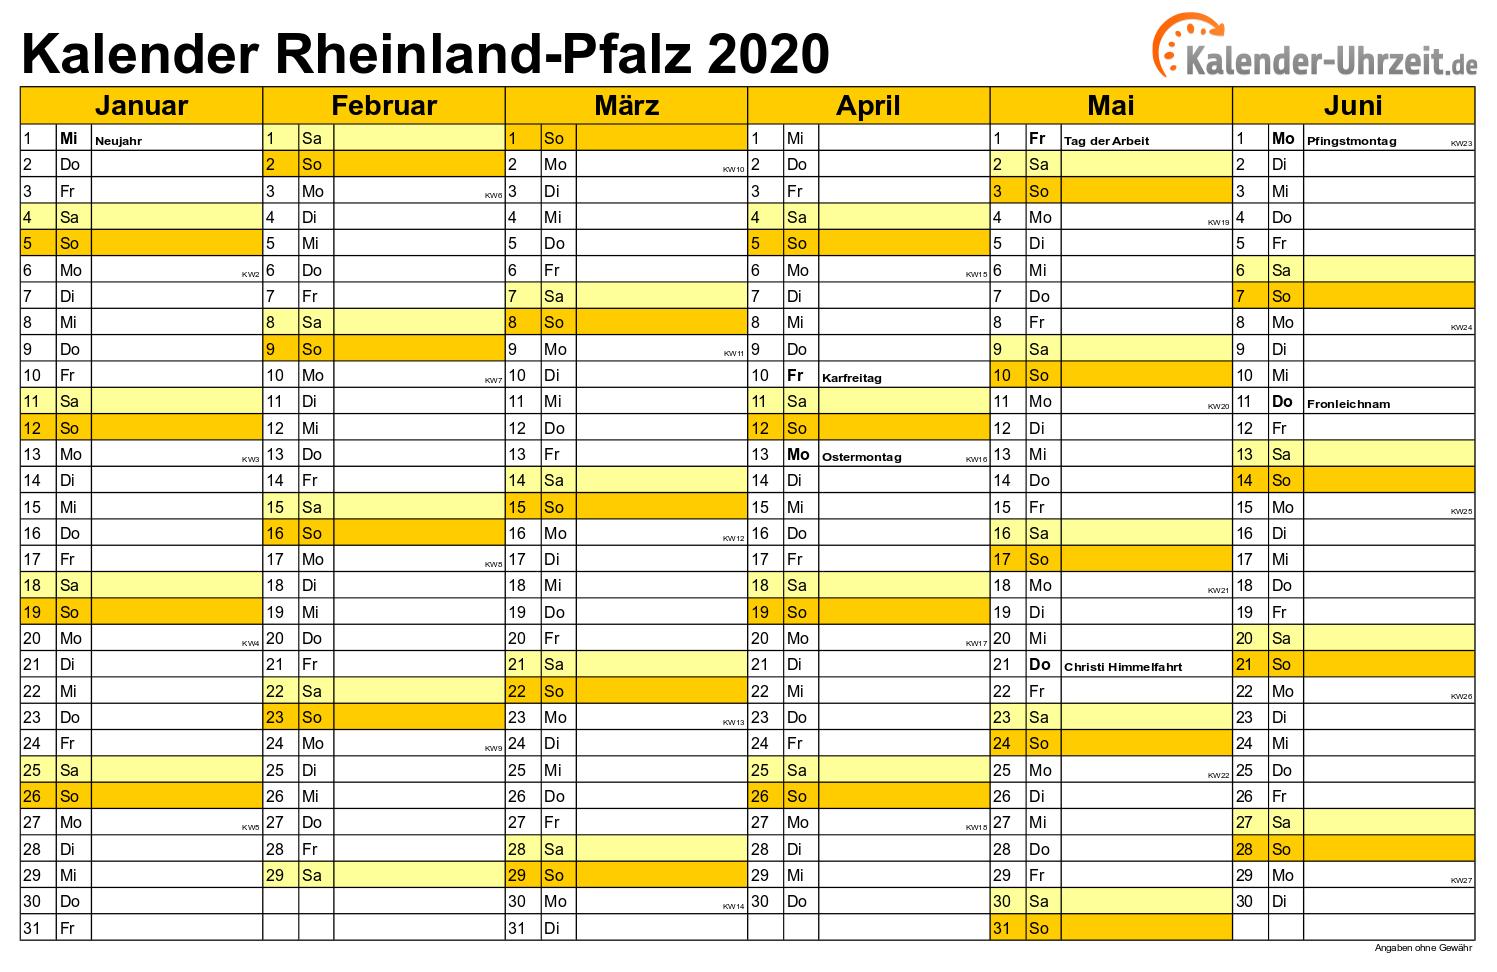 Rlp Feiertage 2020